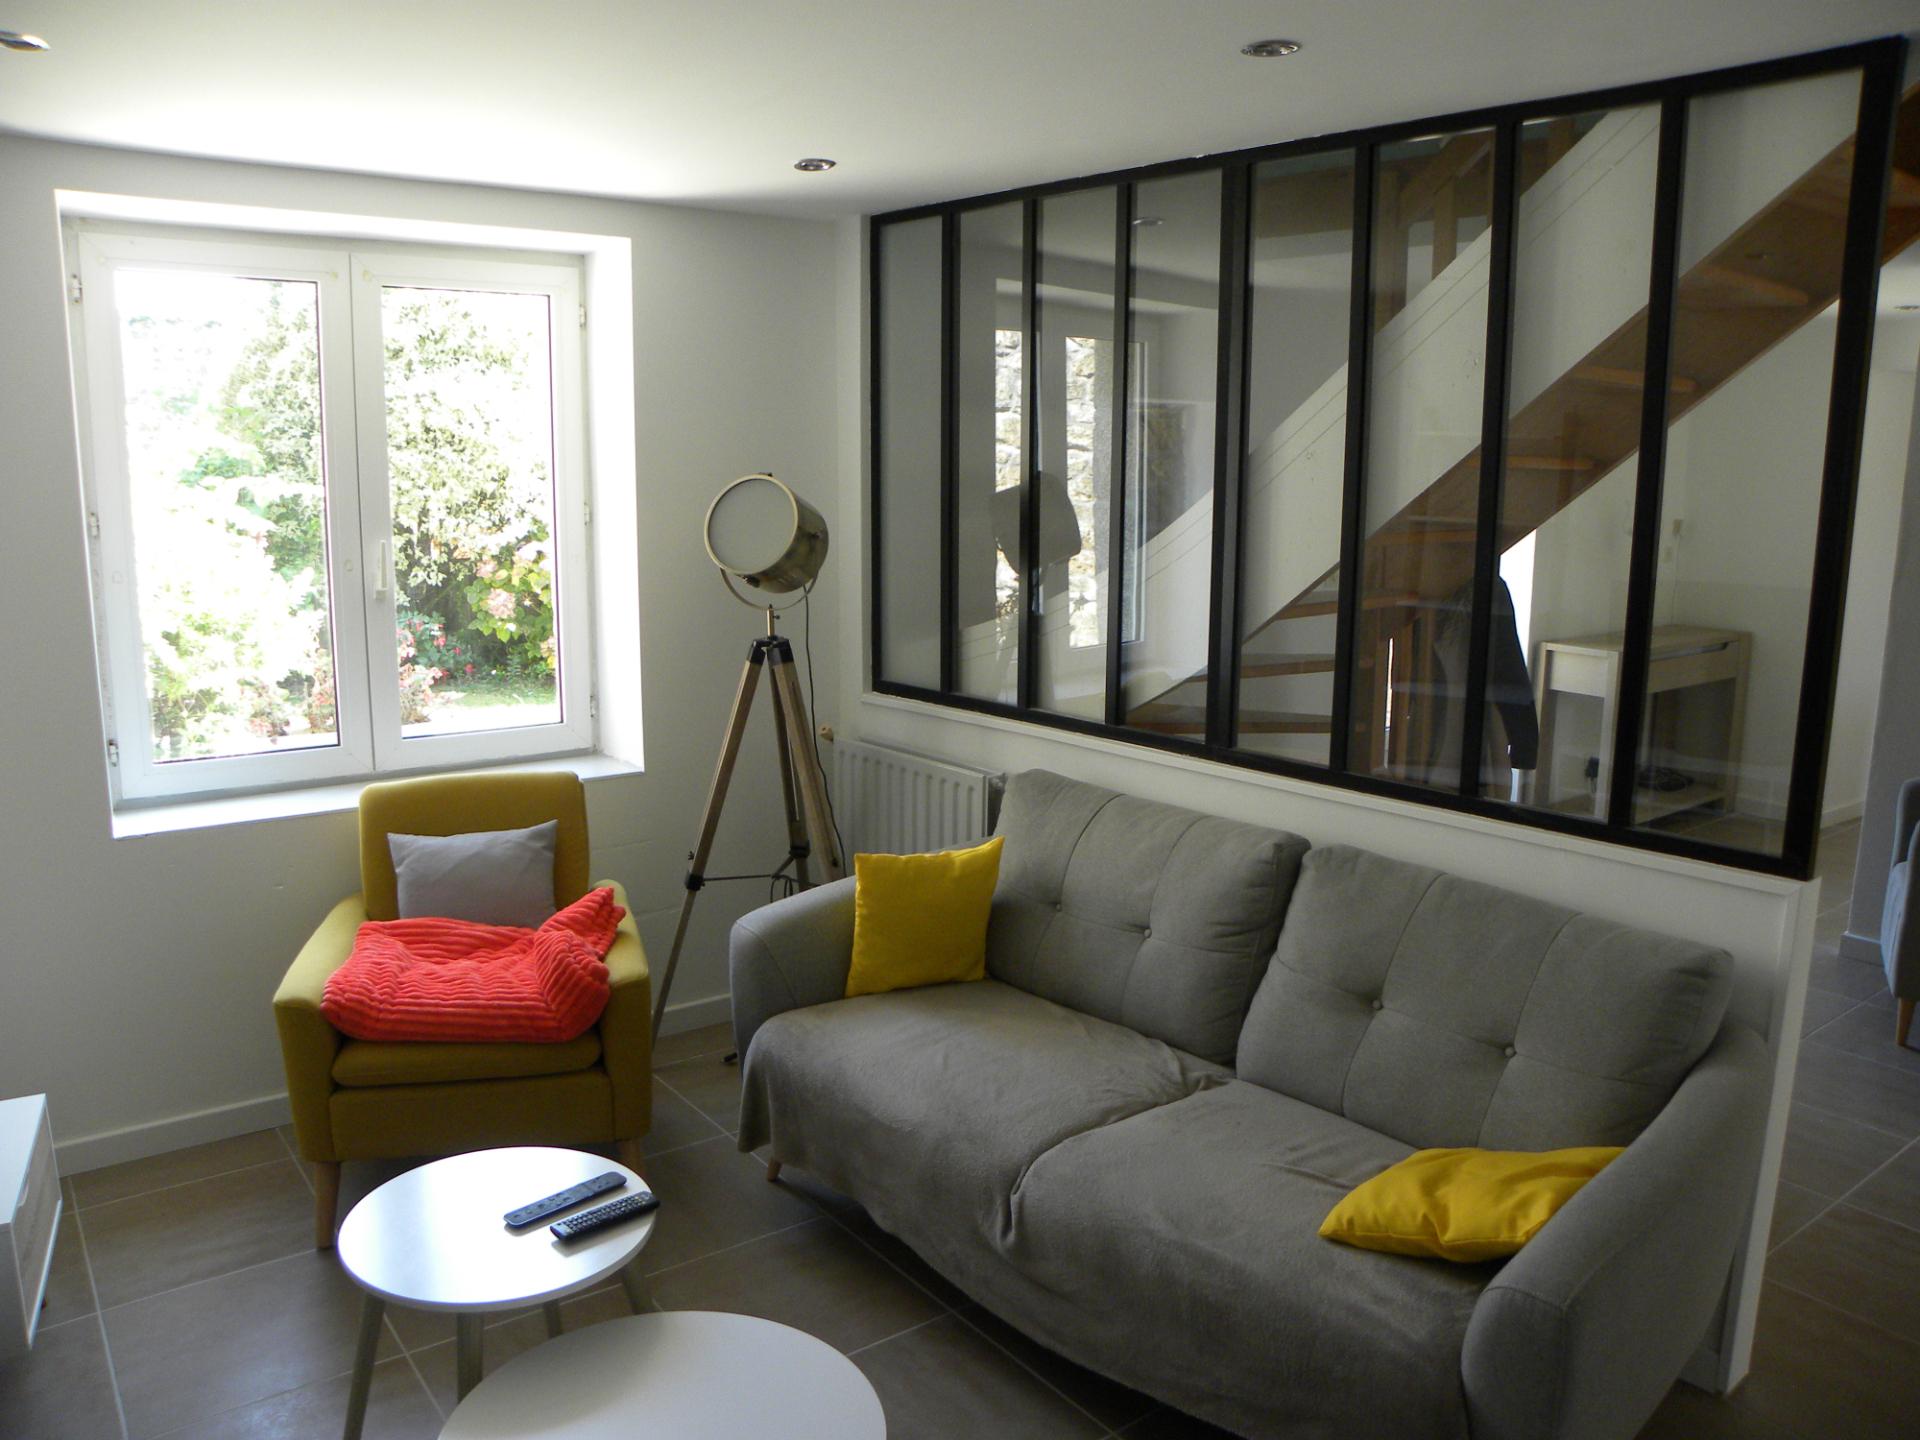 PLOUDALMEZEAU : maison F4 90 m²